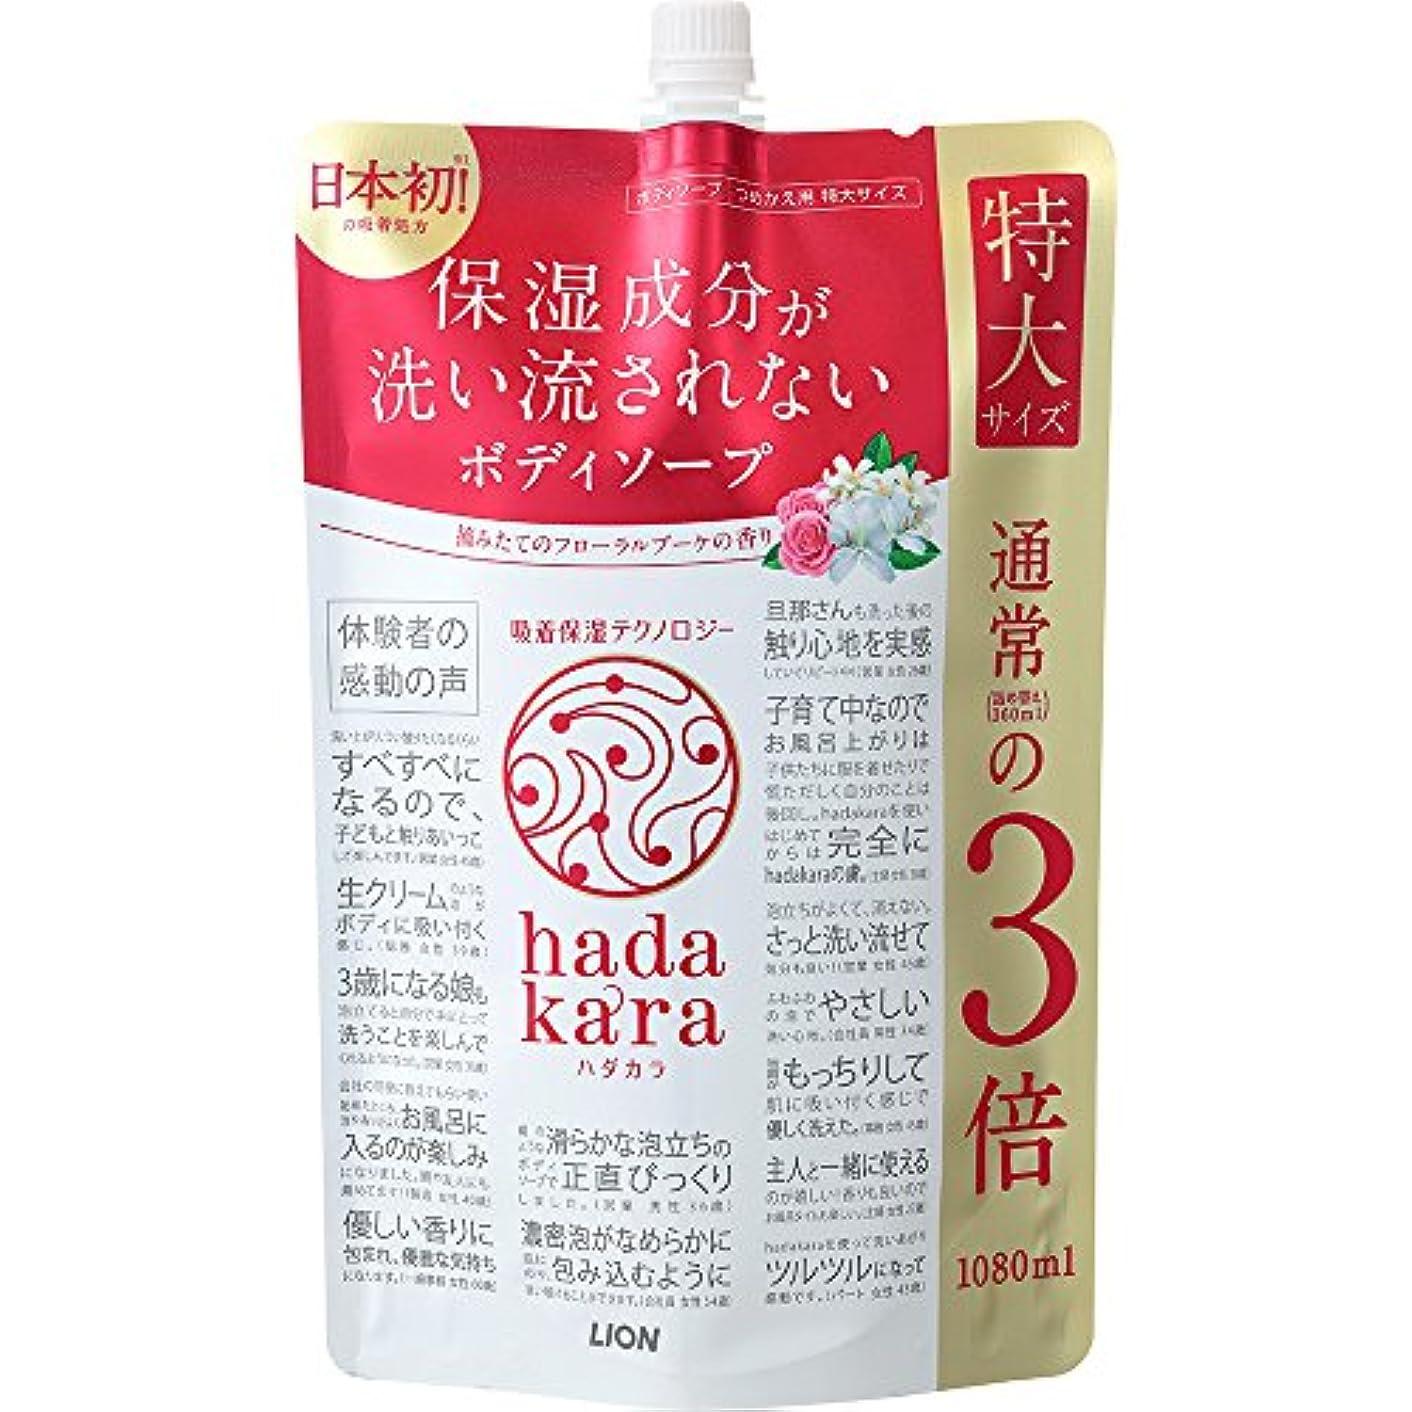 同種の信じる忠実に【大容量】hadakara(ハダカラ) ボディソープ フローラルブーケの香り 詰め替え 特大 1080ml